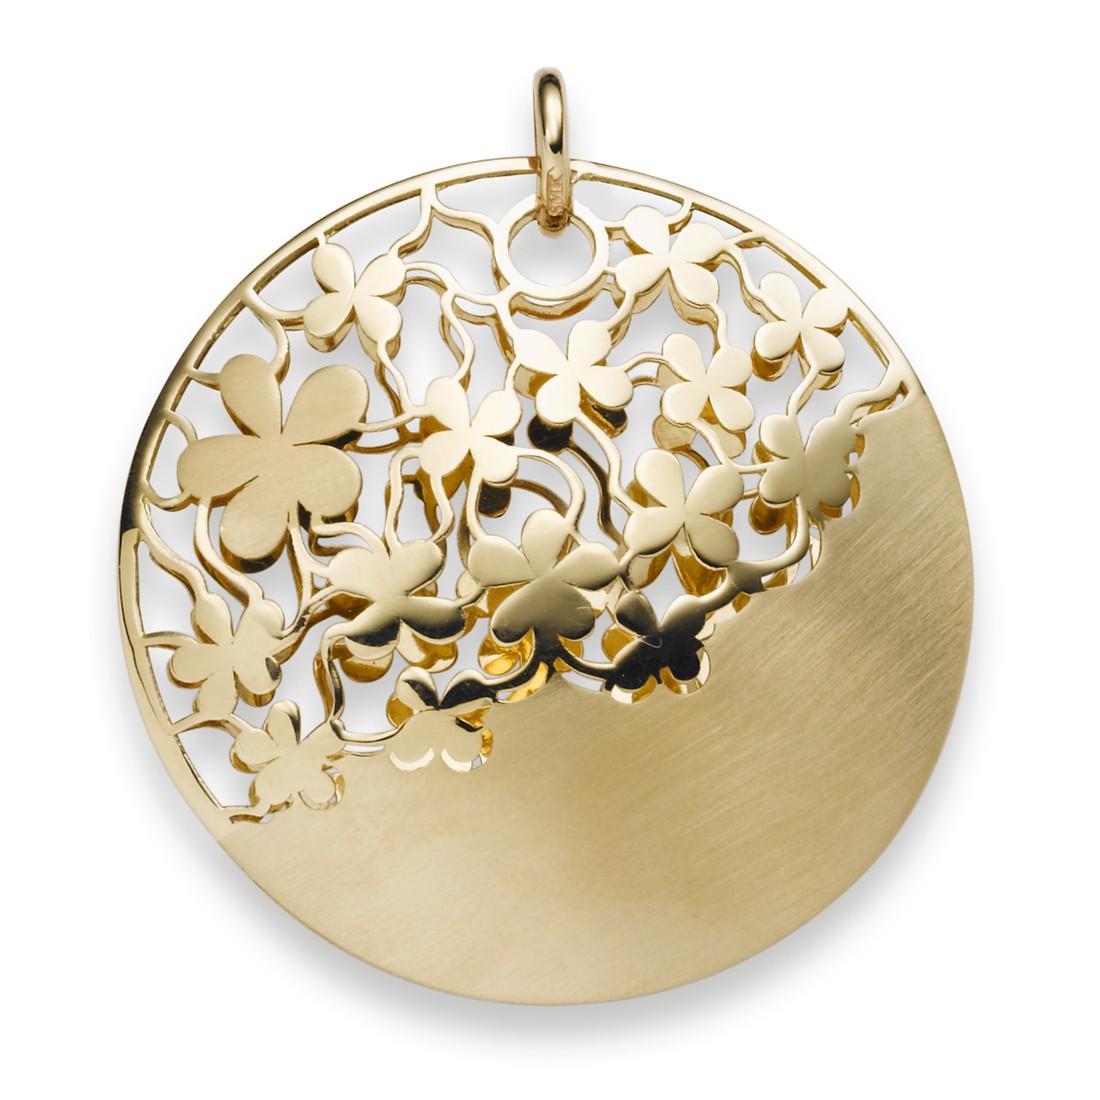 anh nger rund mit blumen ornament 585 gold gelbgold. Black Bedroom Furniture Sets. Home Design Ideas